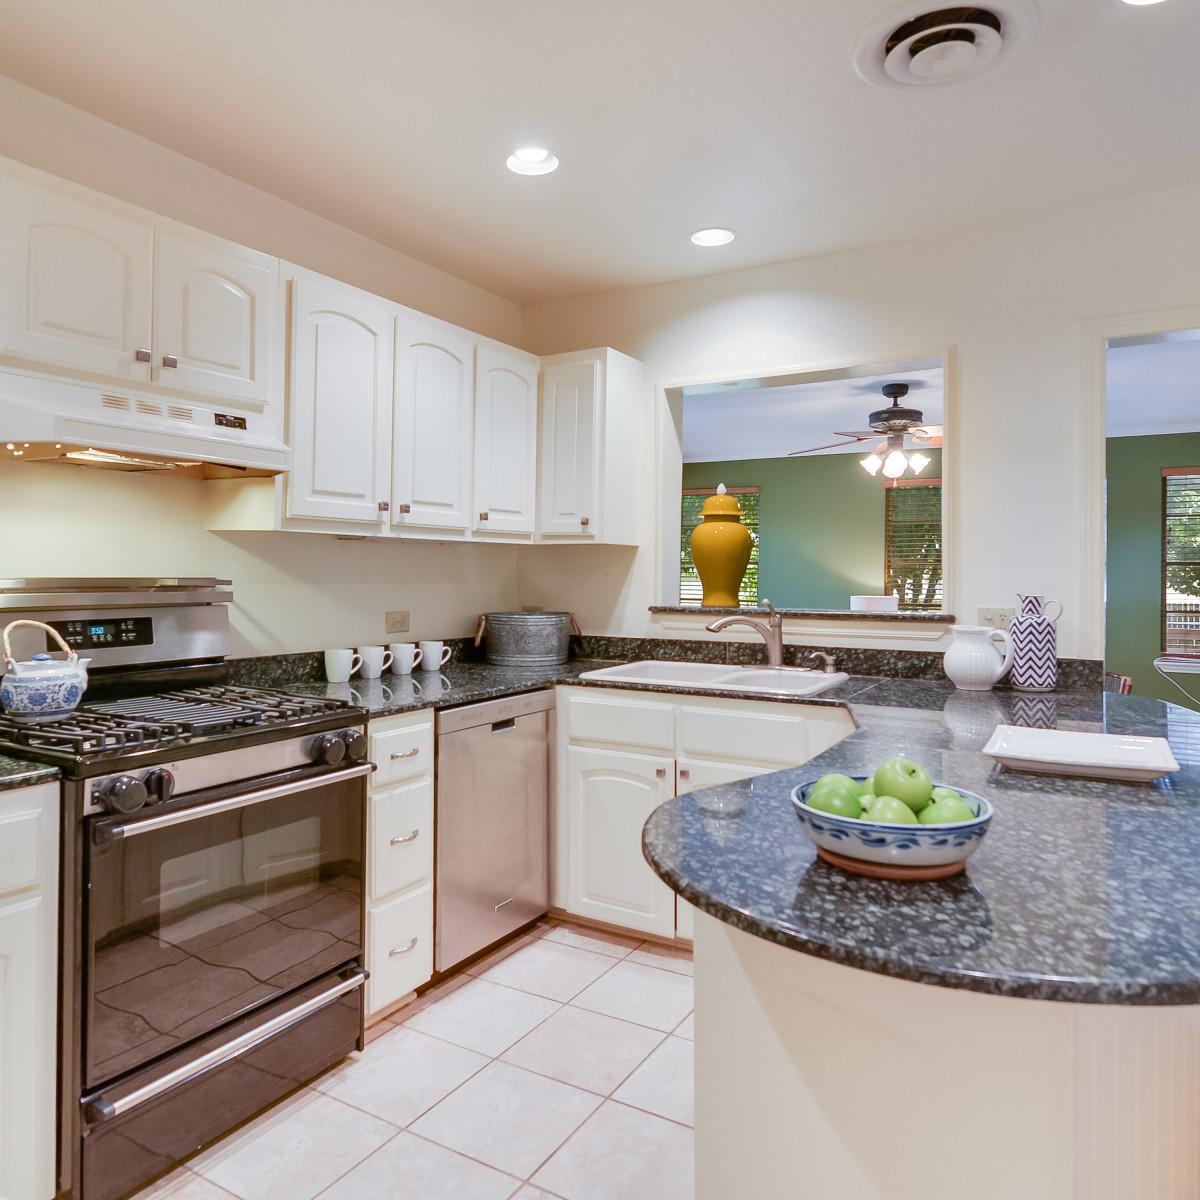 264 Larchmont San Antonio house for sale kitchen